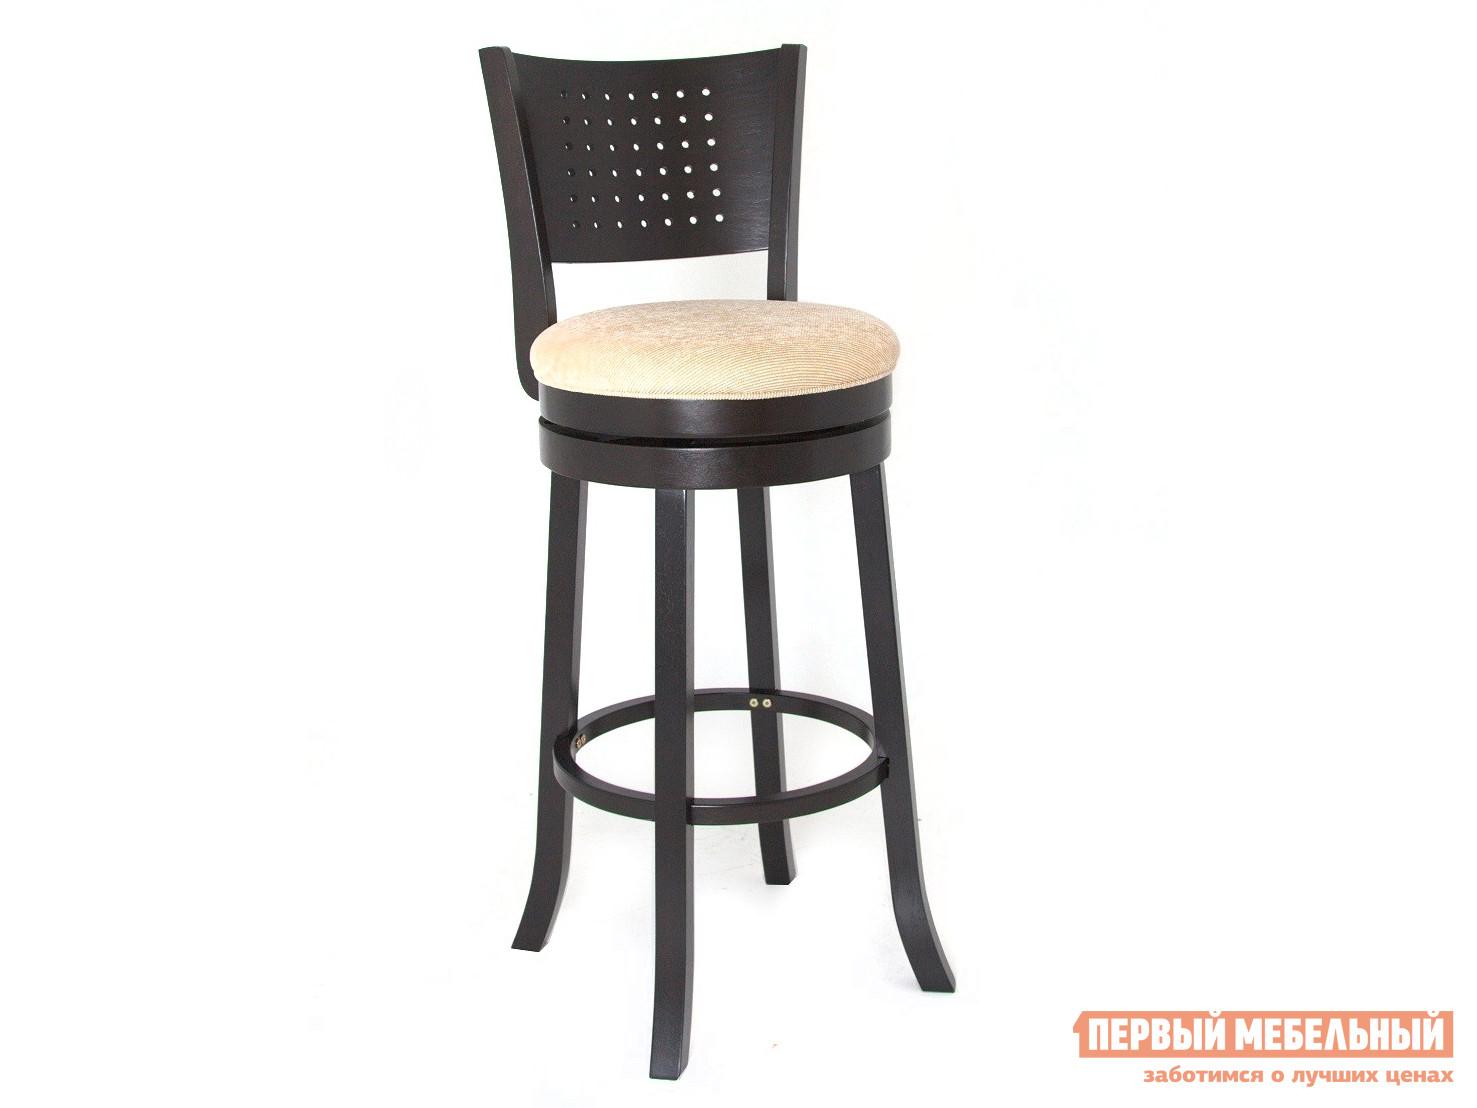 Барный стул Red and Black 299161 Барный крутящийся стул Капучино от Купистол